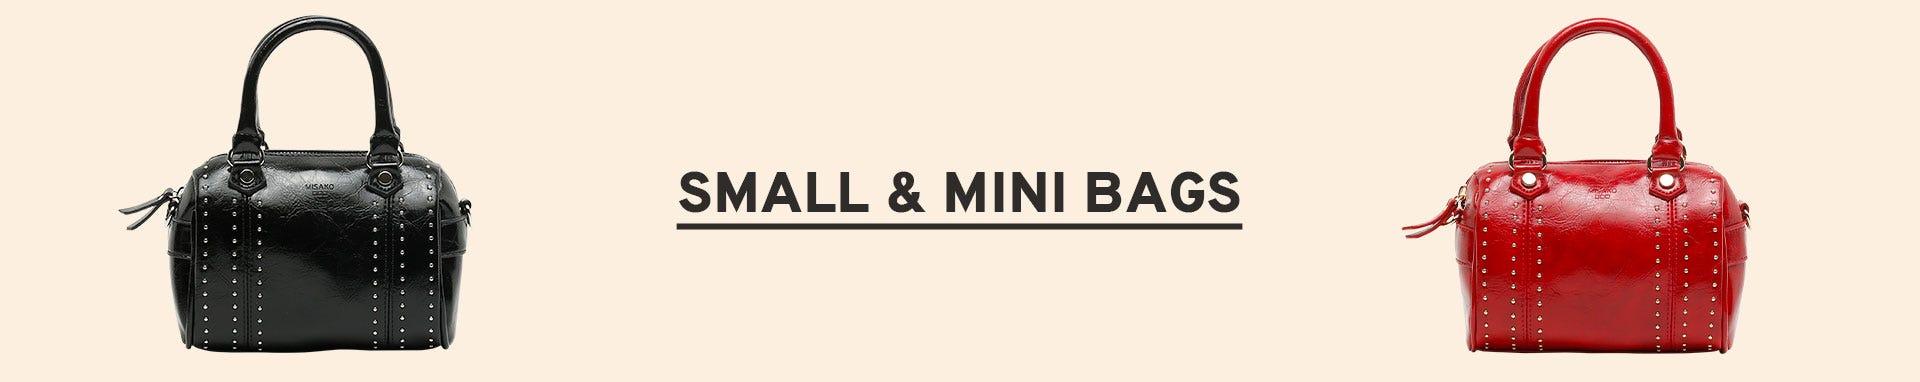 Small and Mini Handbags by Misako